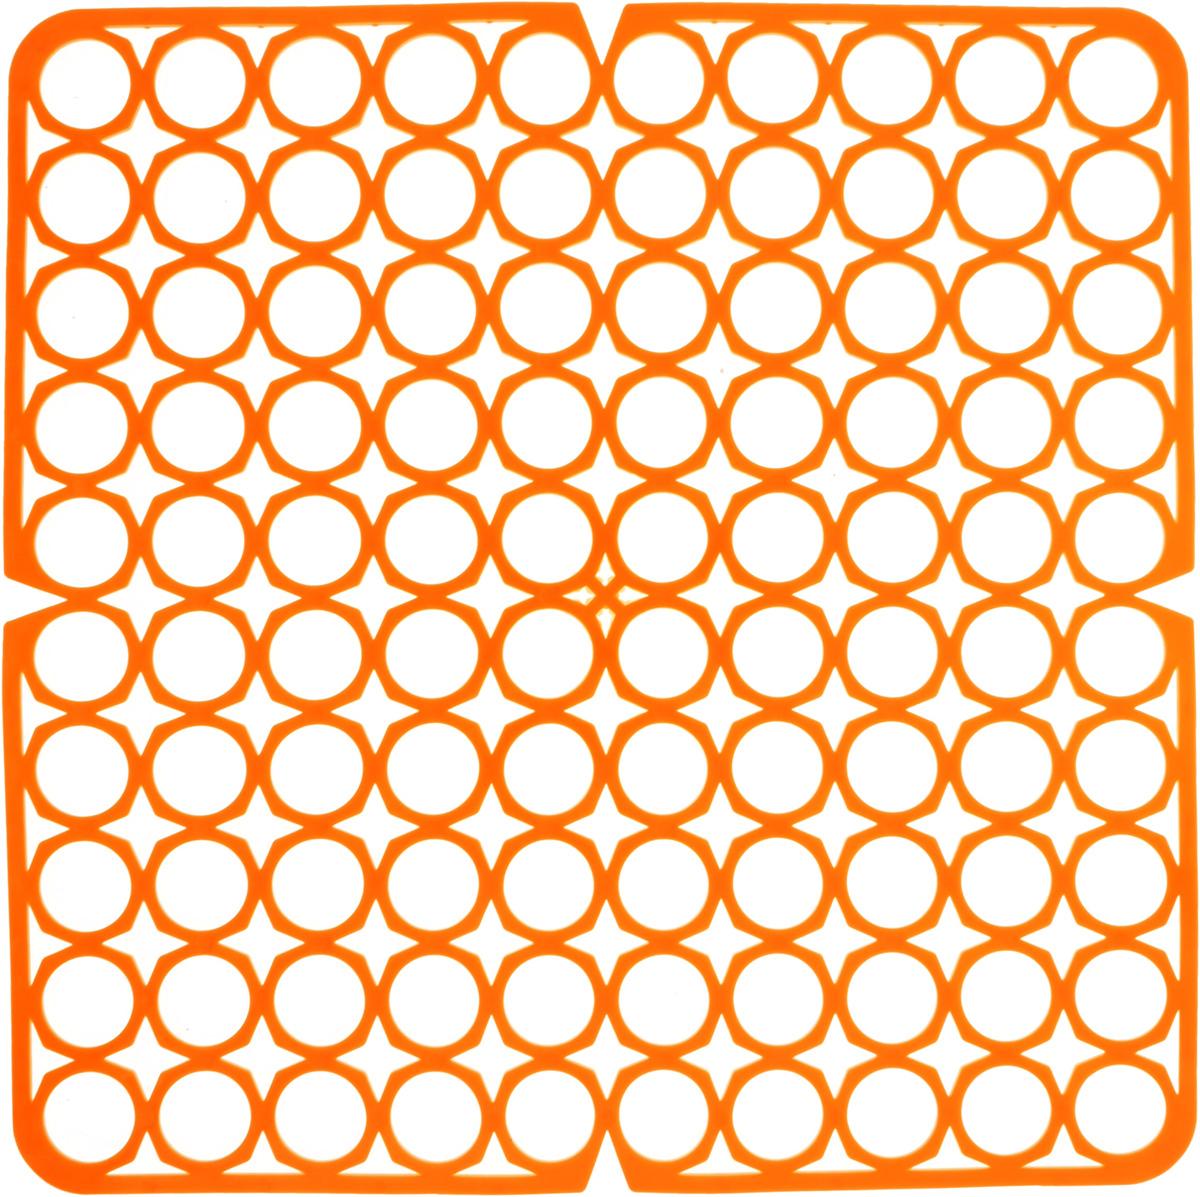 Коврик для раковины York, цвет: оранжевый, 27,5 х 27,5 см9561/095610_оранжевыйСтильный и удобный коврик для раковины York изготовлен из сложных полимеров. Он одновременно выполняет несколько функций: украшает, защищает мойку от царапин и сколов, смягчает удары при падении посуды в мойку. Коврик также можно использовать для сушки посуды, фруктов и овощей. Он легко очищается от грязи и жира.